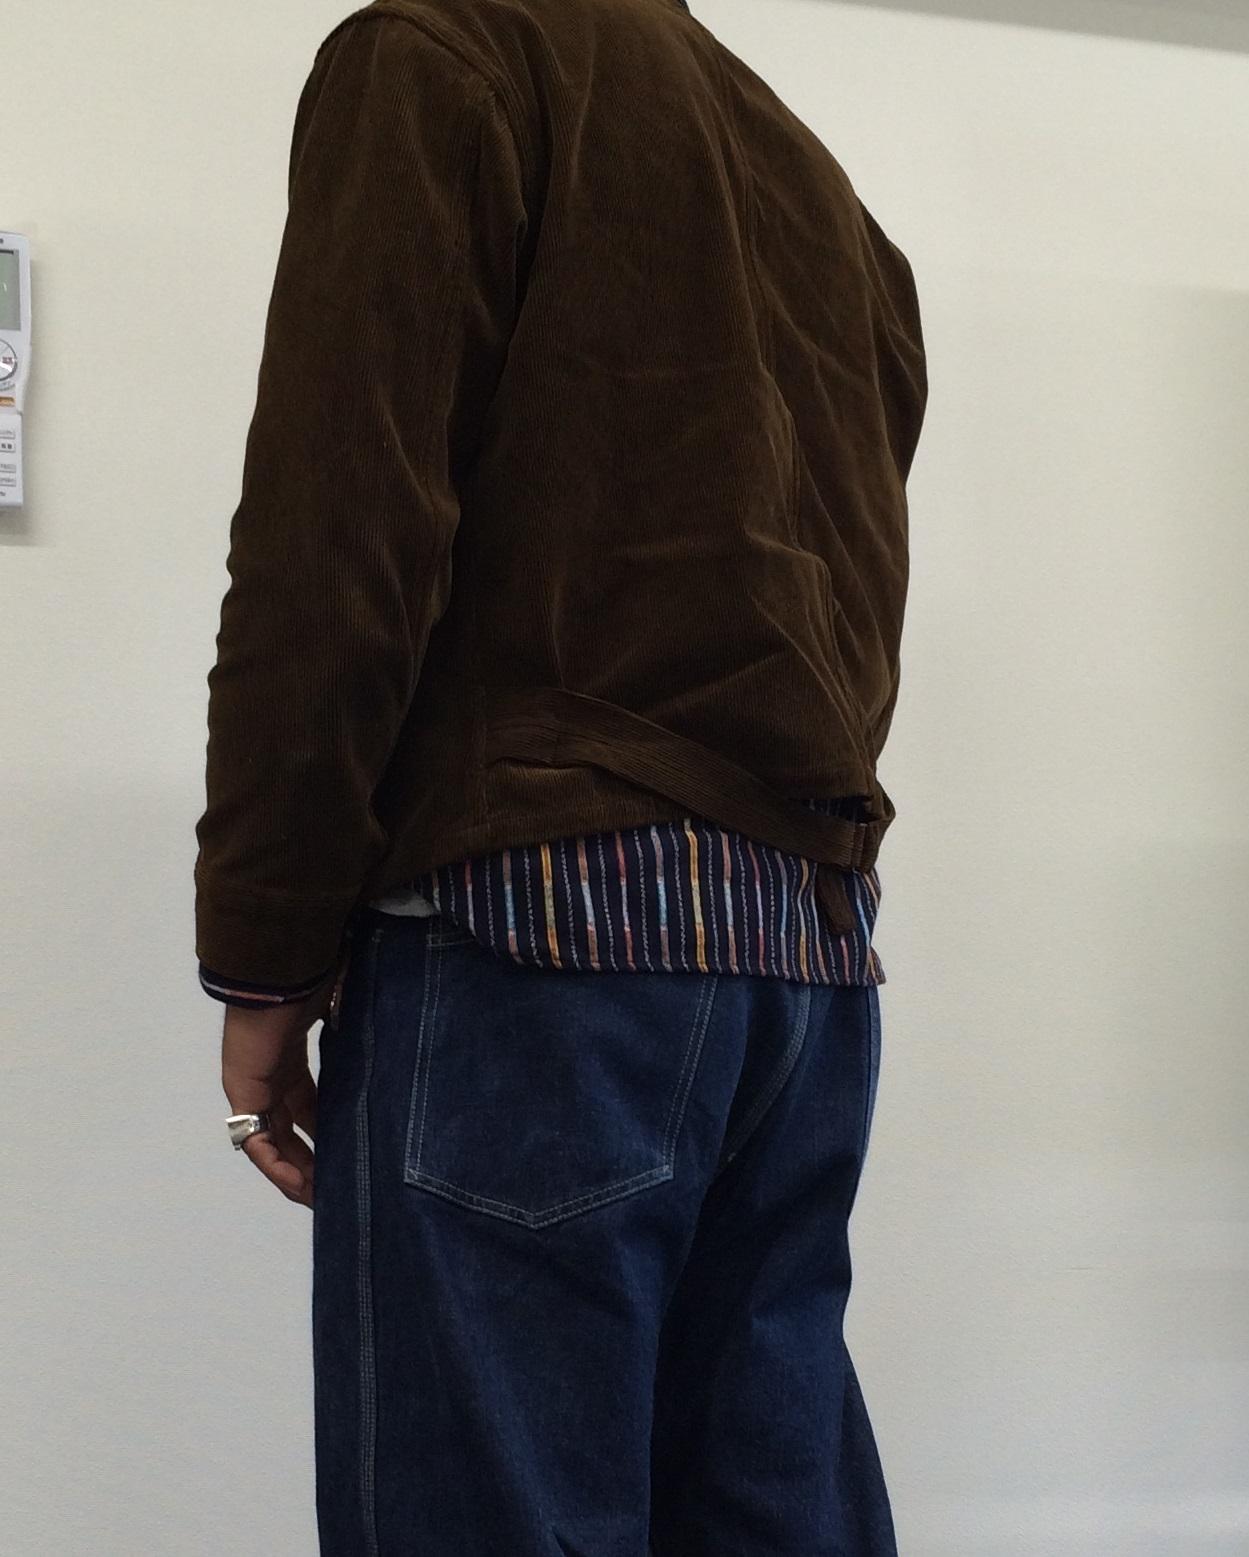 コーデュロイ素材のエンジニアジャケット